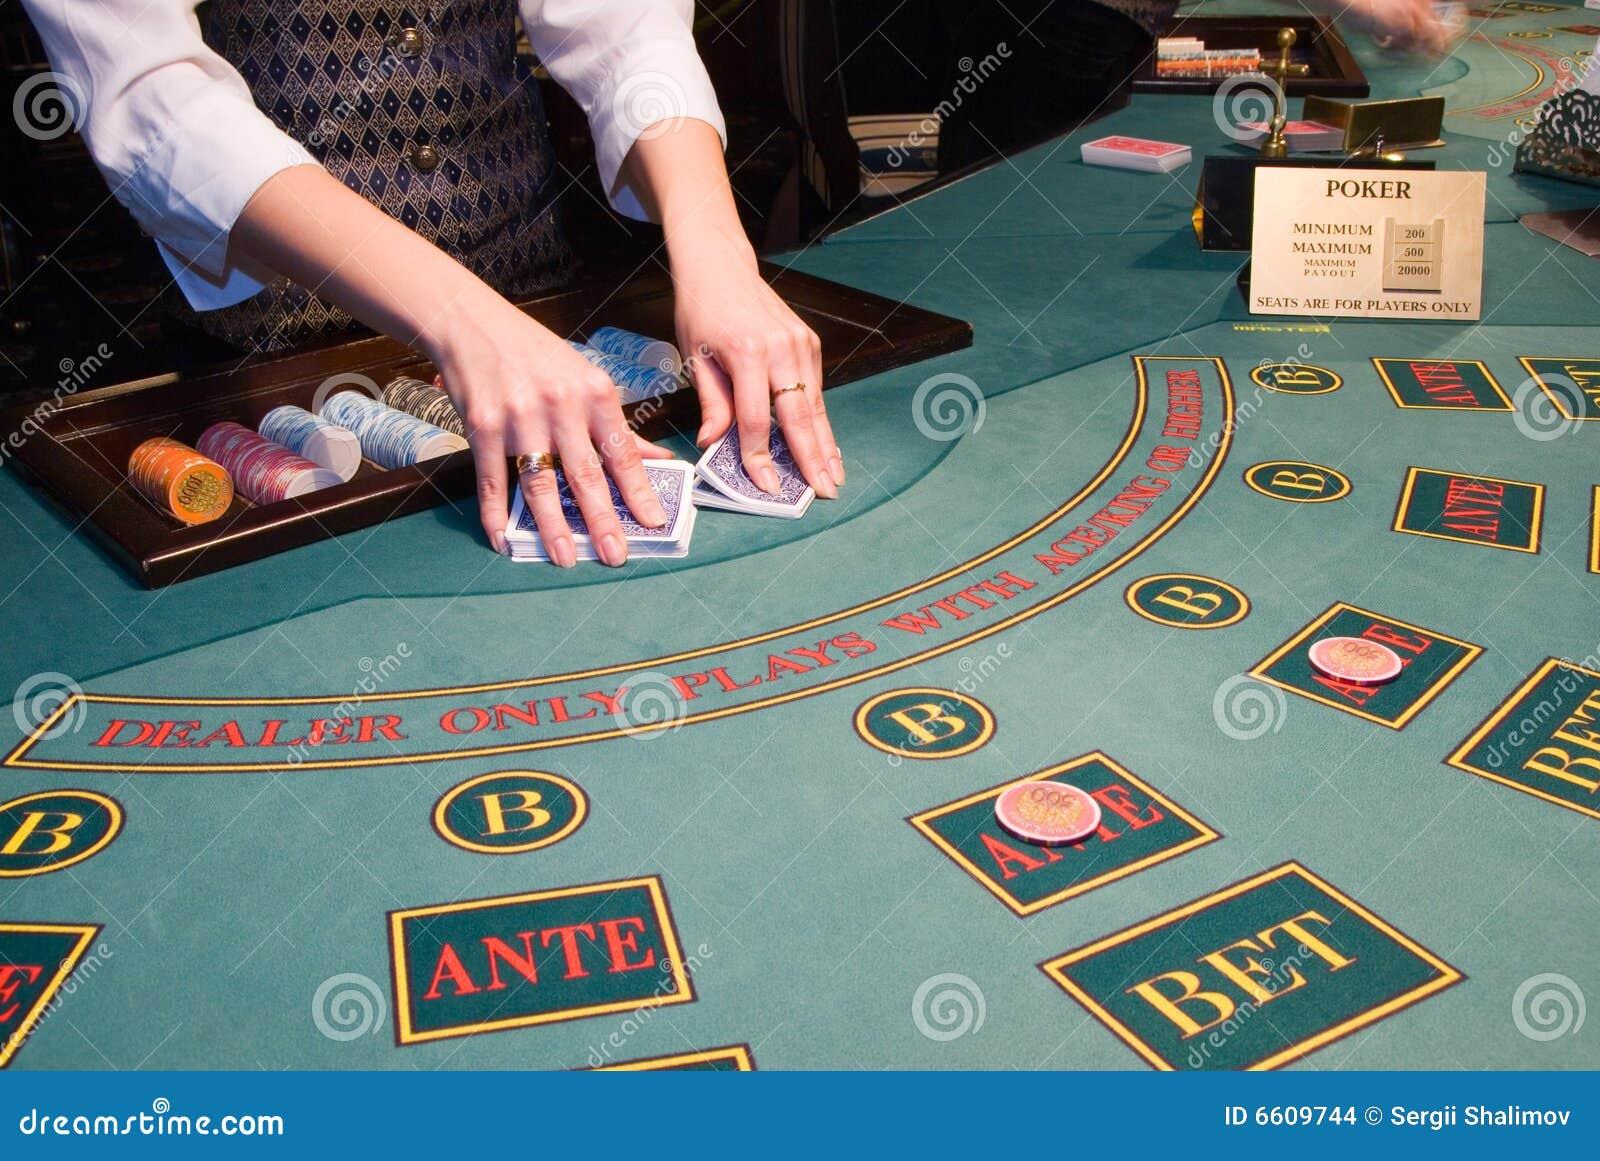 чешет croupier играя покер шаркая таблица